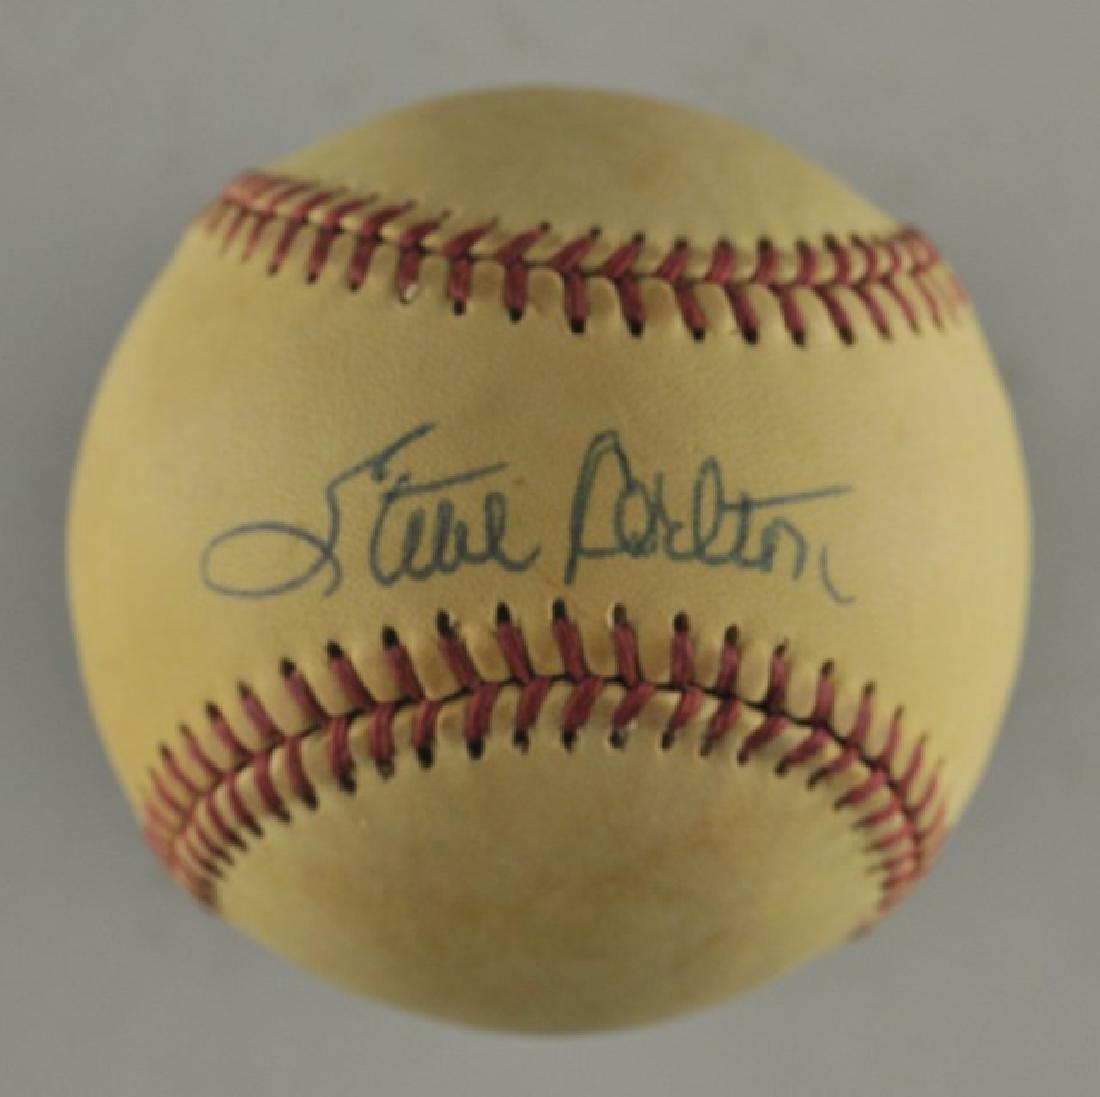 Signed Steve Carlton Baseball